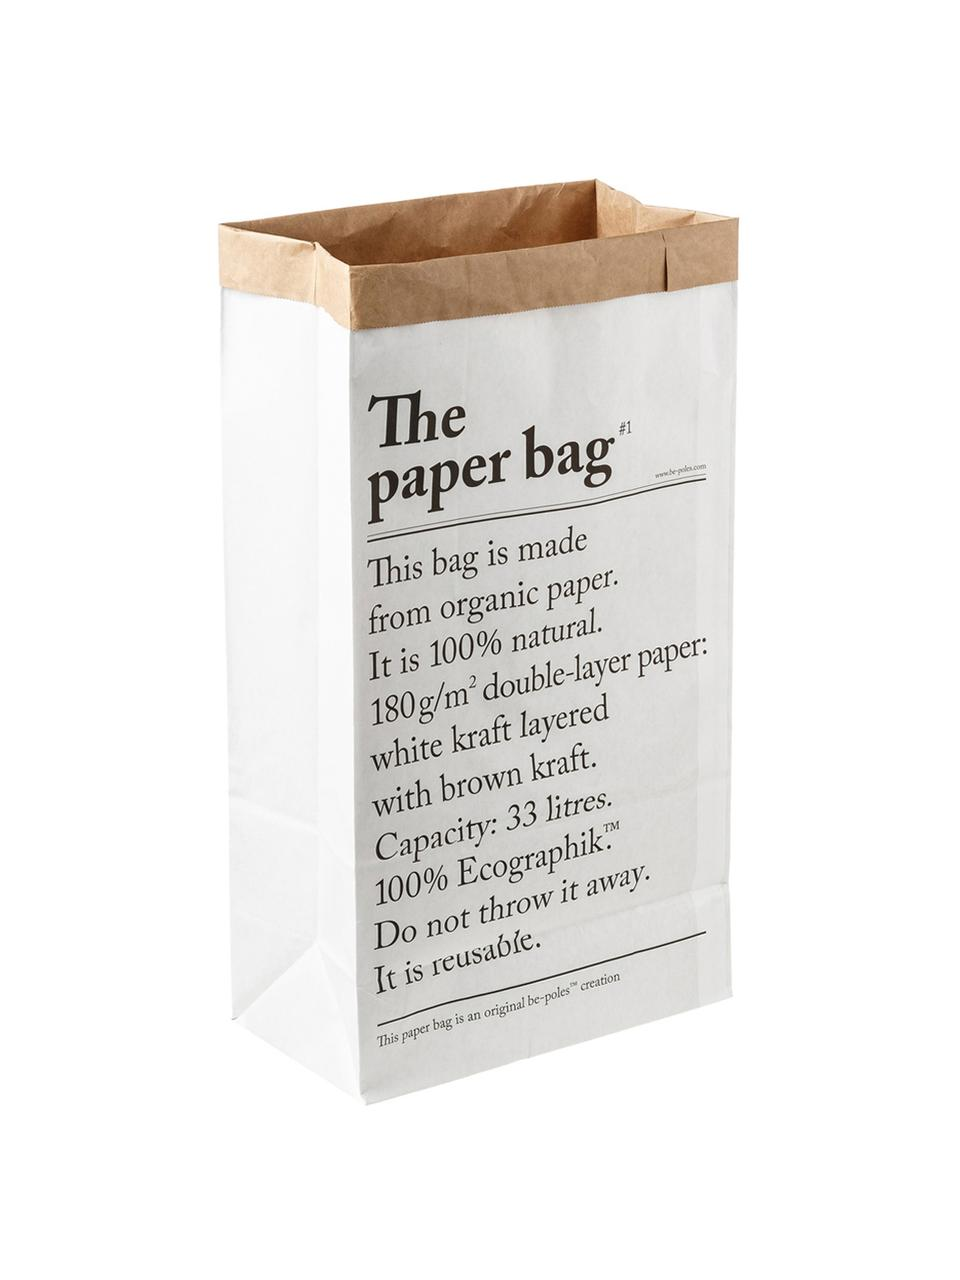 Sacchetto Le sac en papier 33l, Carta riciclata, Bianco, Larg. 32 x Alt. 60 cm